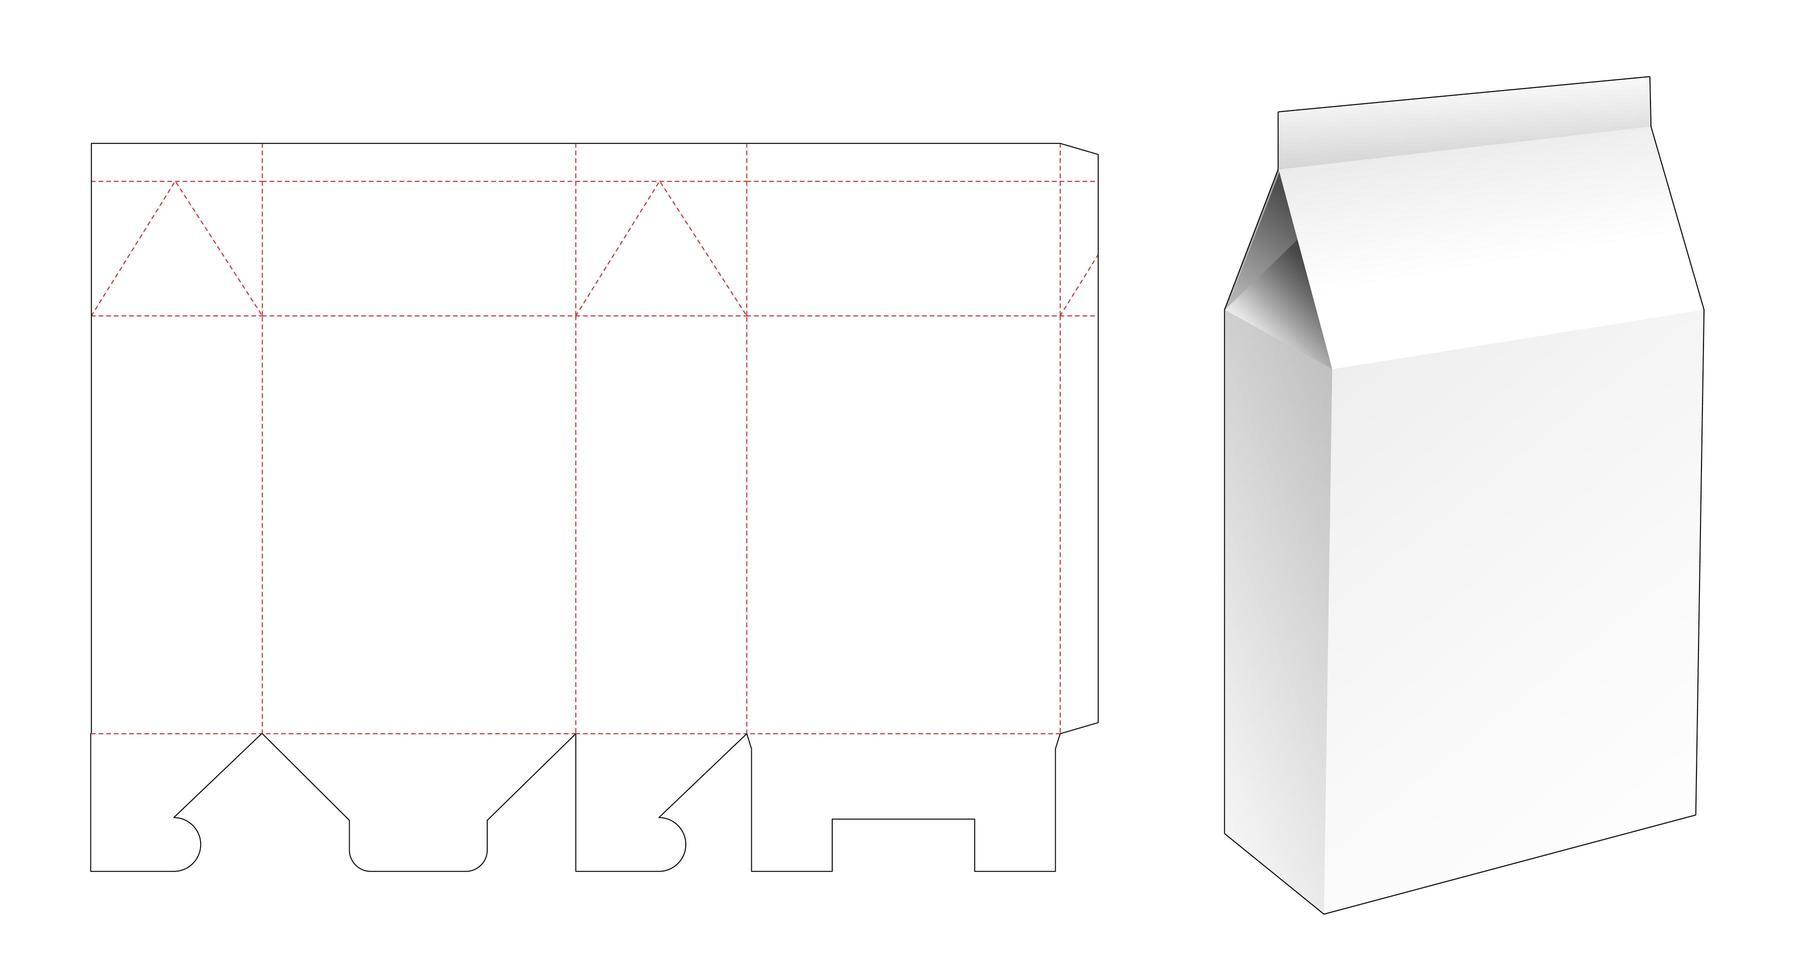 tvättpulverförpackning vektor